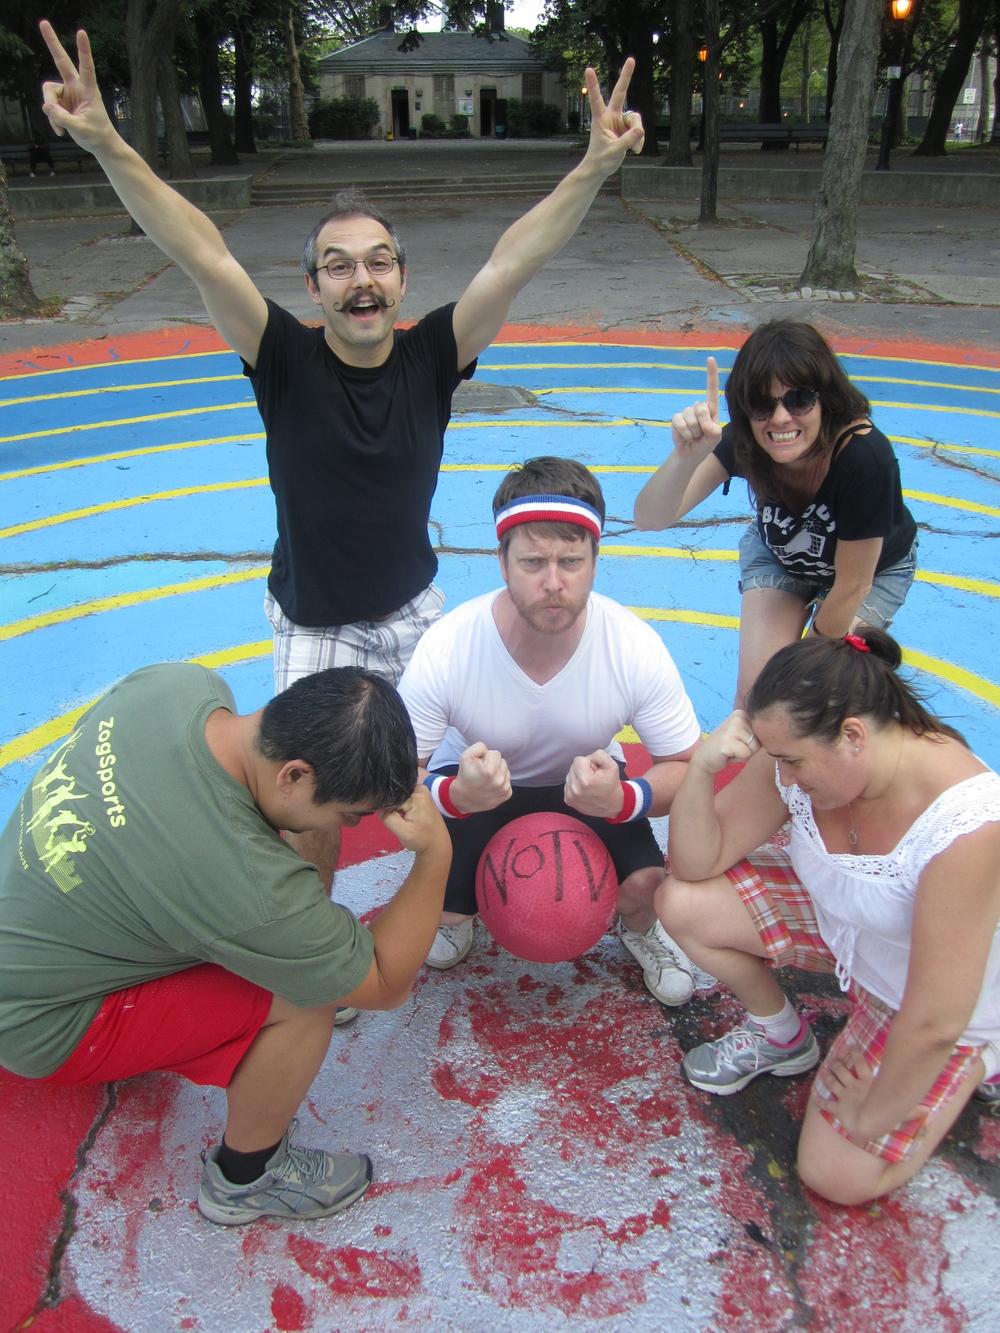 Week 11's Thing - Kick(Ass)Ball